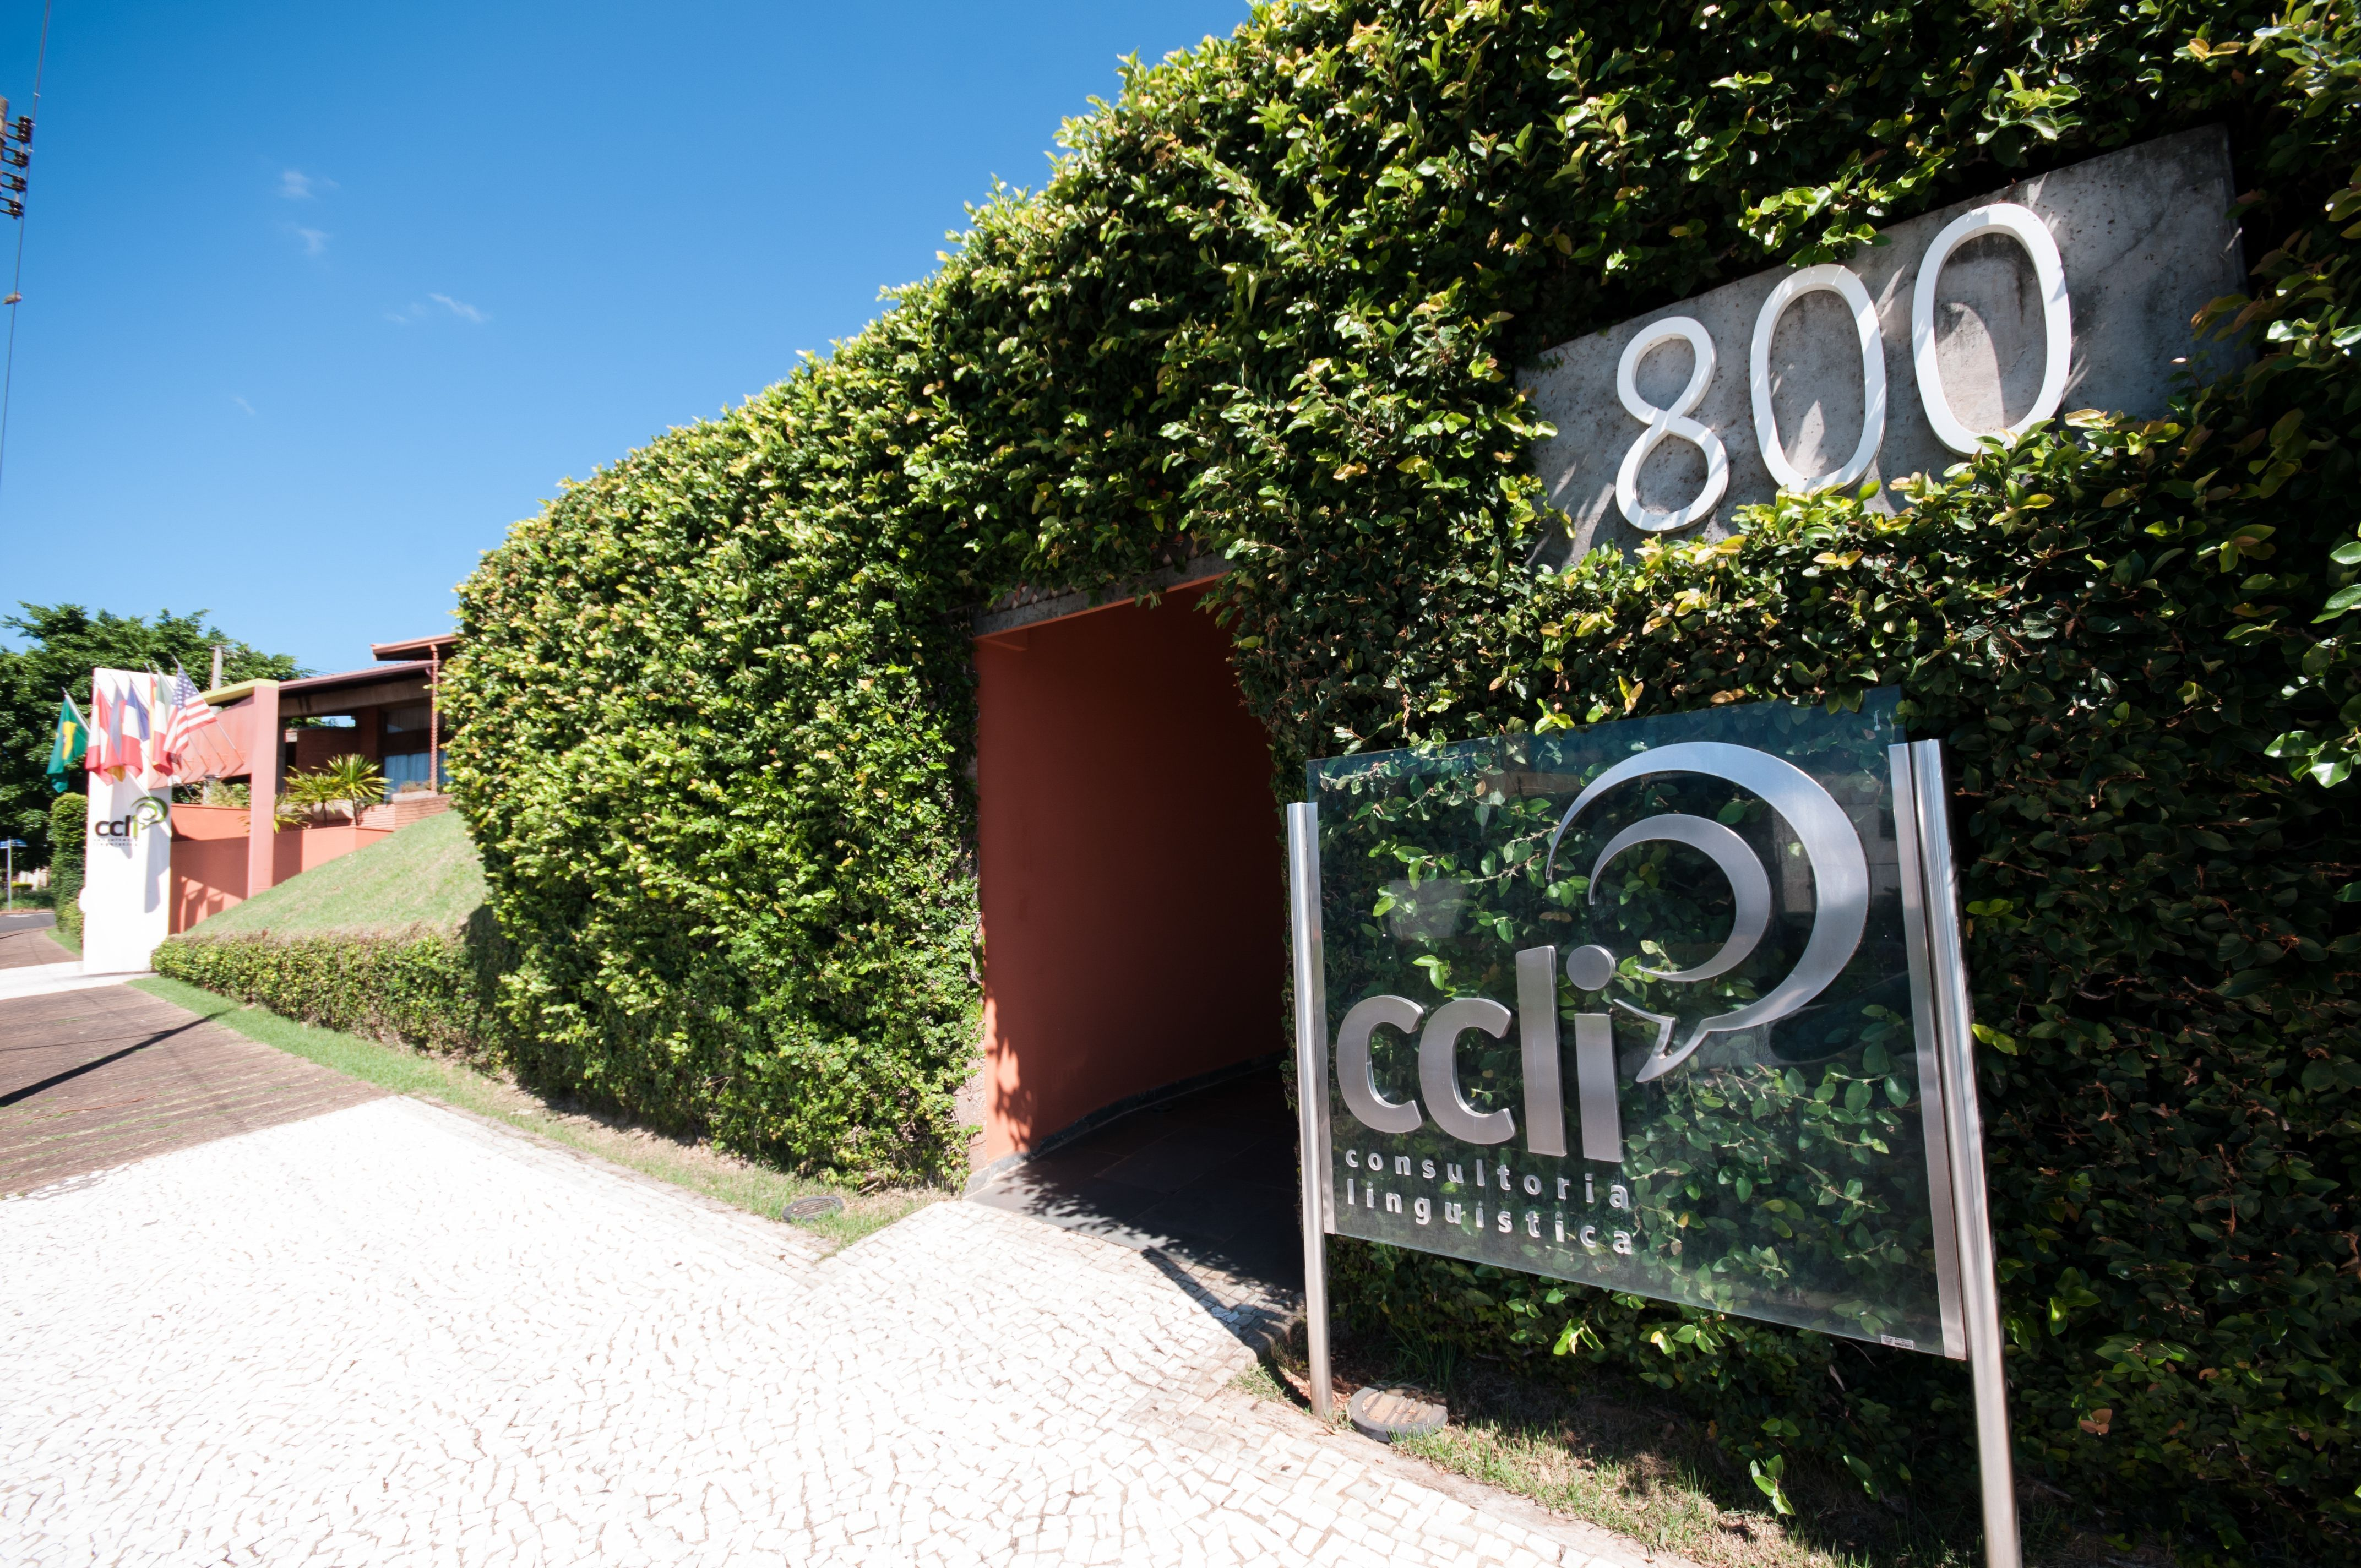 Com novas marcas, CCLi amplia atuação no segmento de idiomas